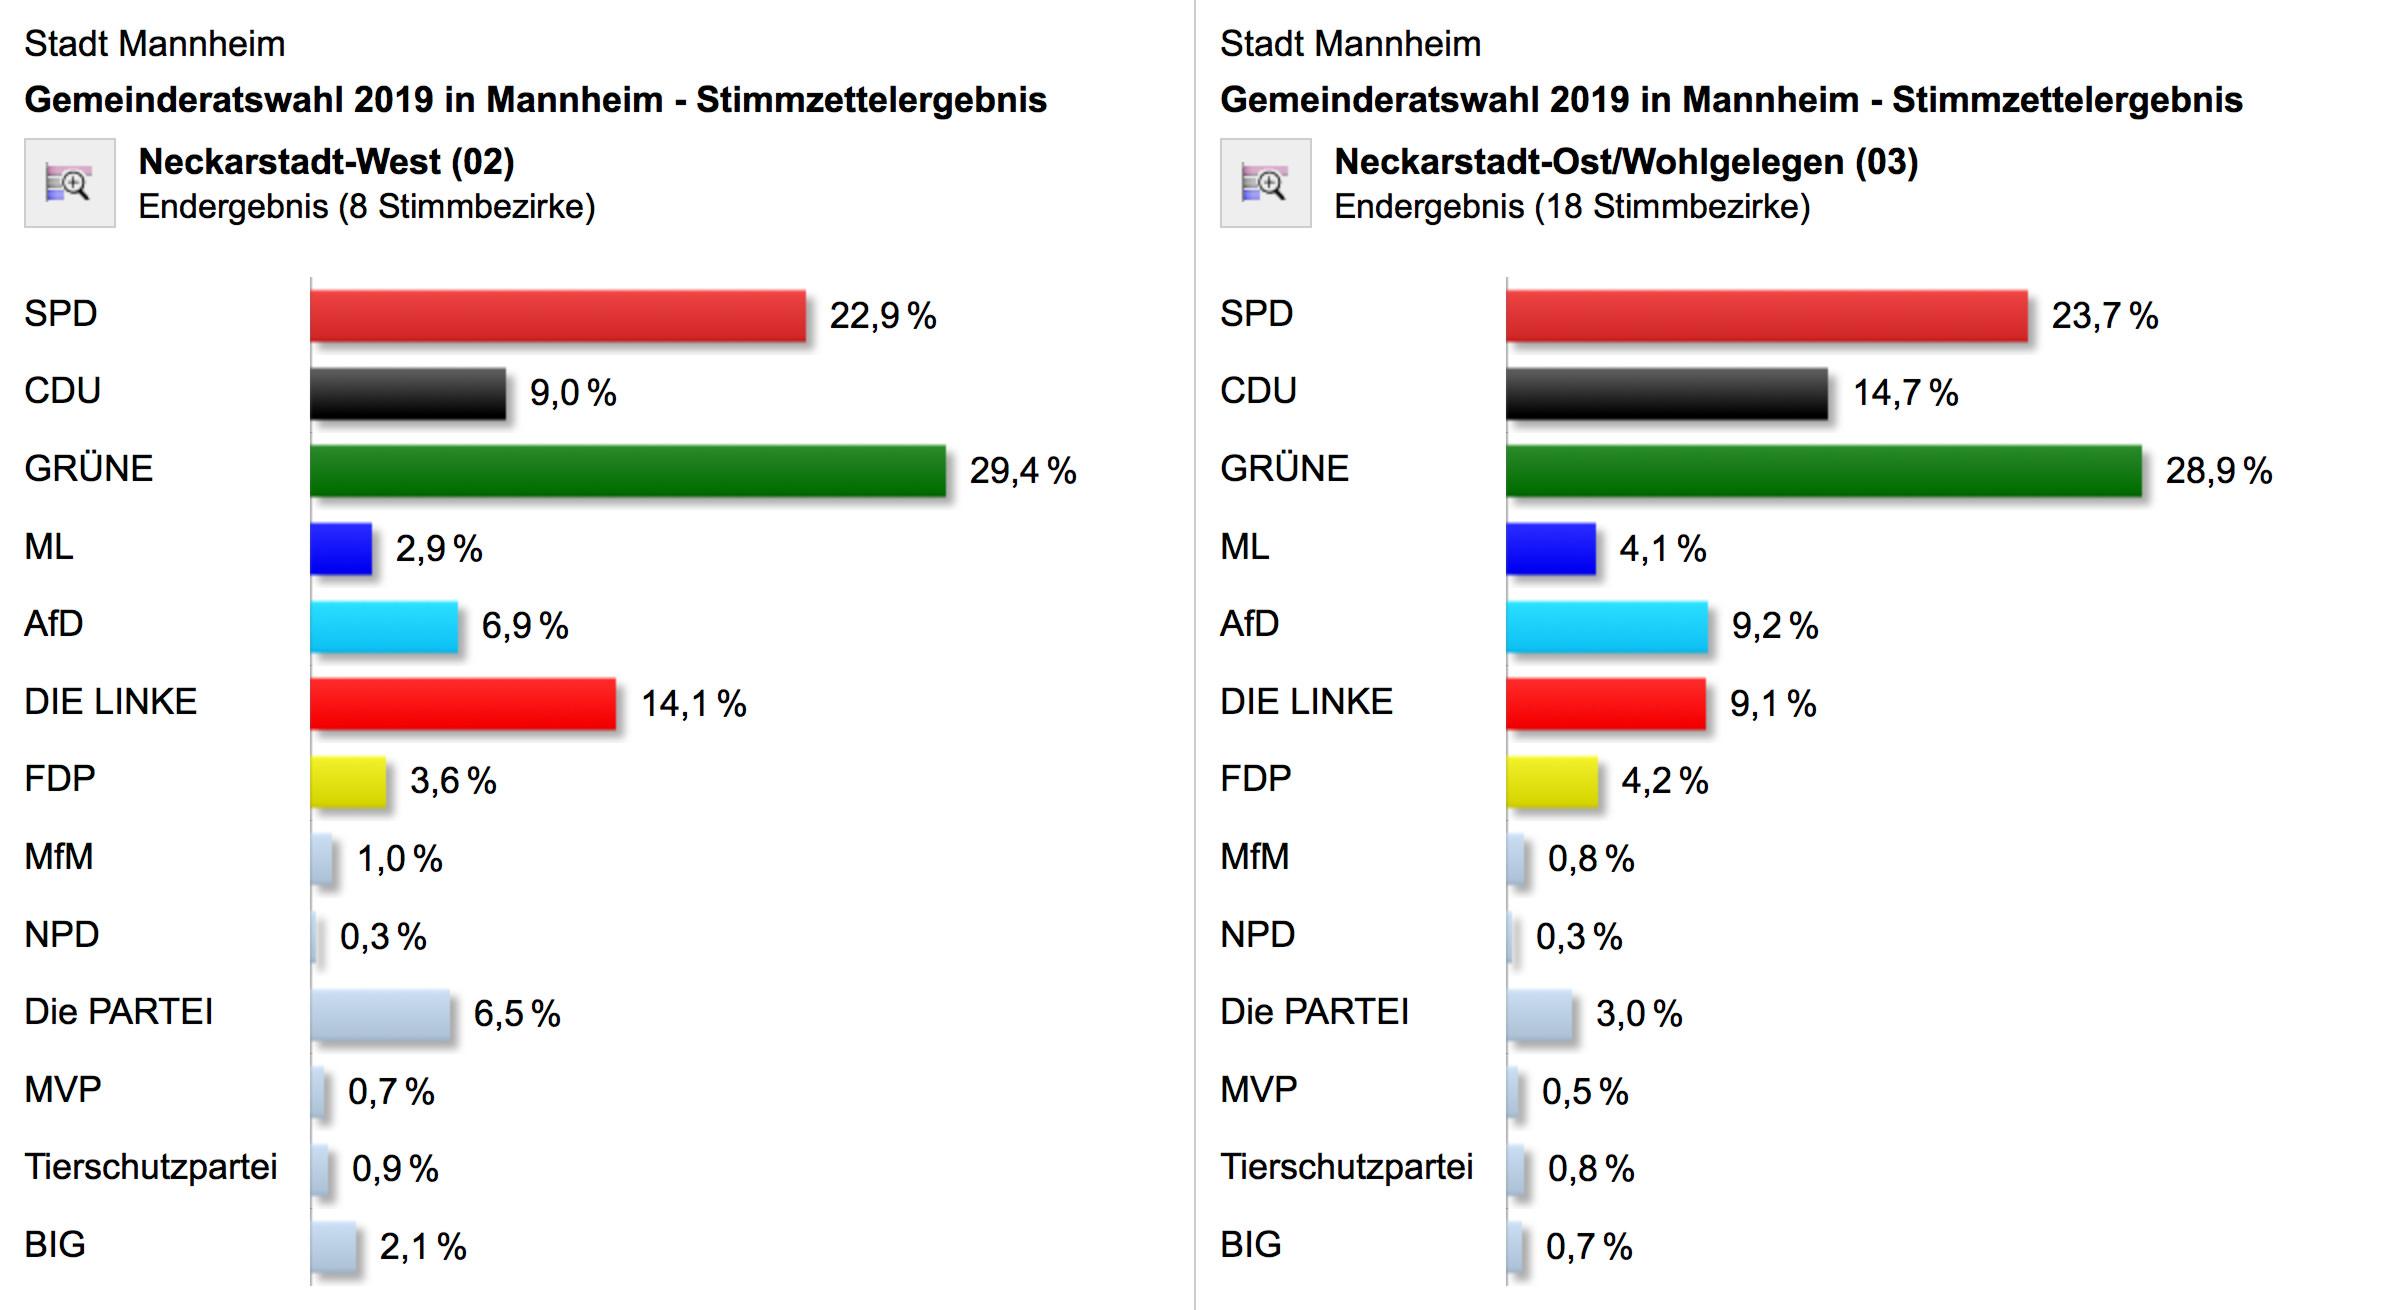 Die Stimmzettelergebnisse der Gemeinderatswahl 2019 für die Neckarstadt | Quelle: Stadt Mannheim